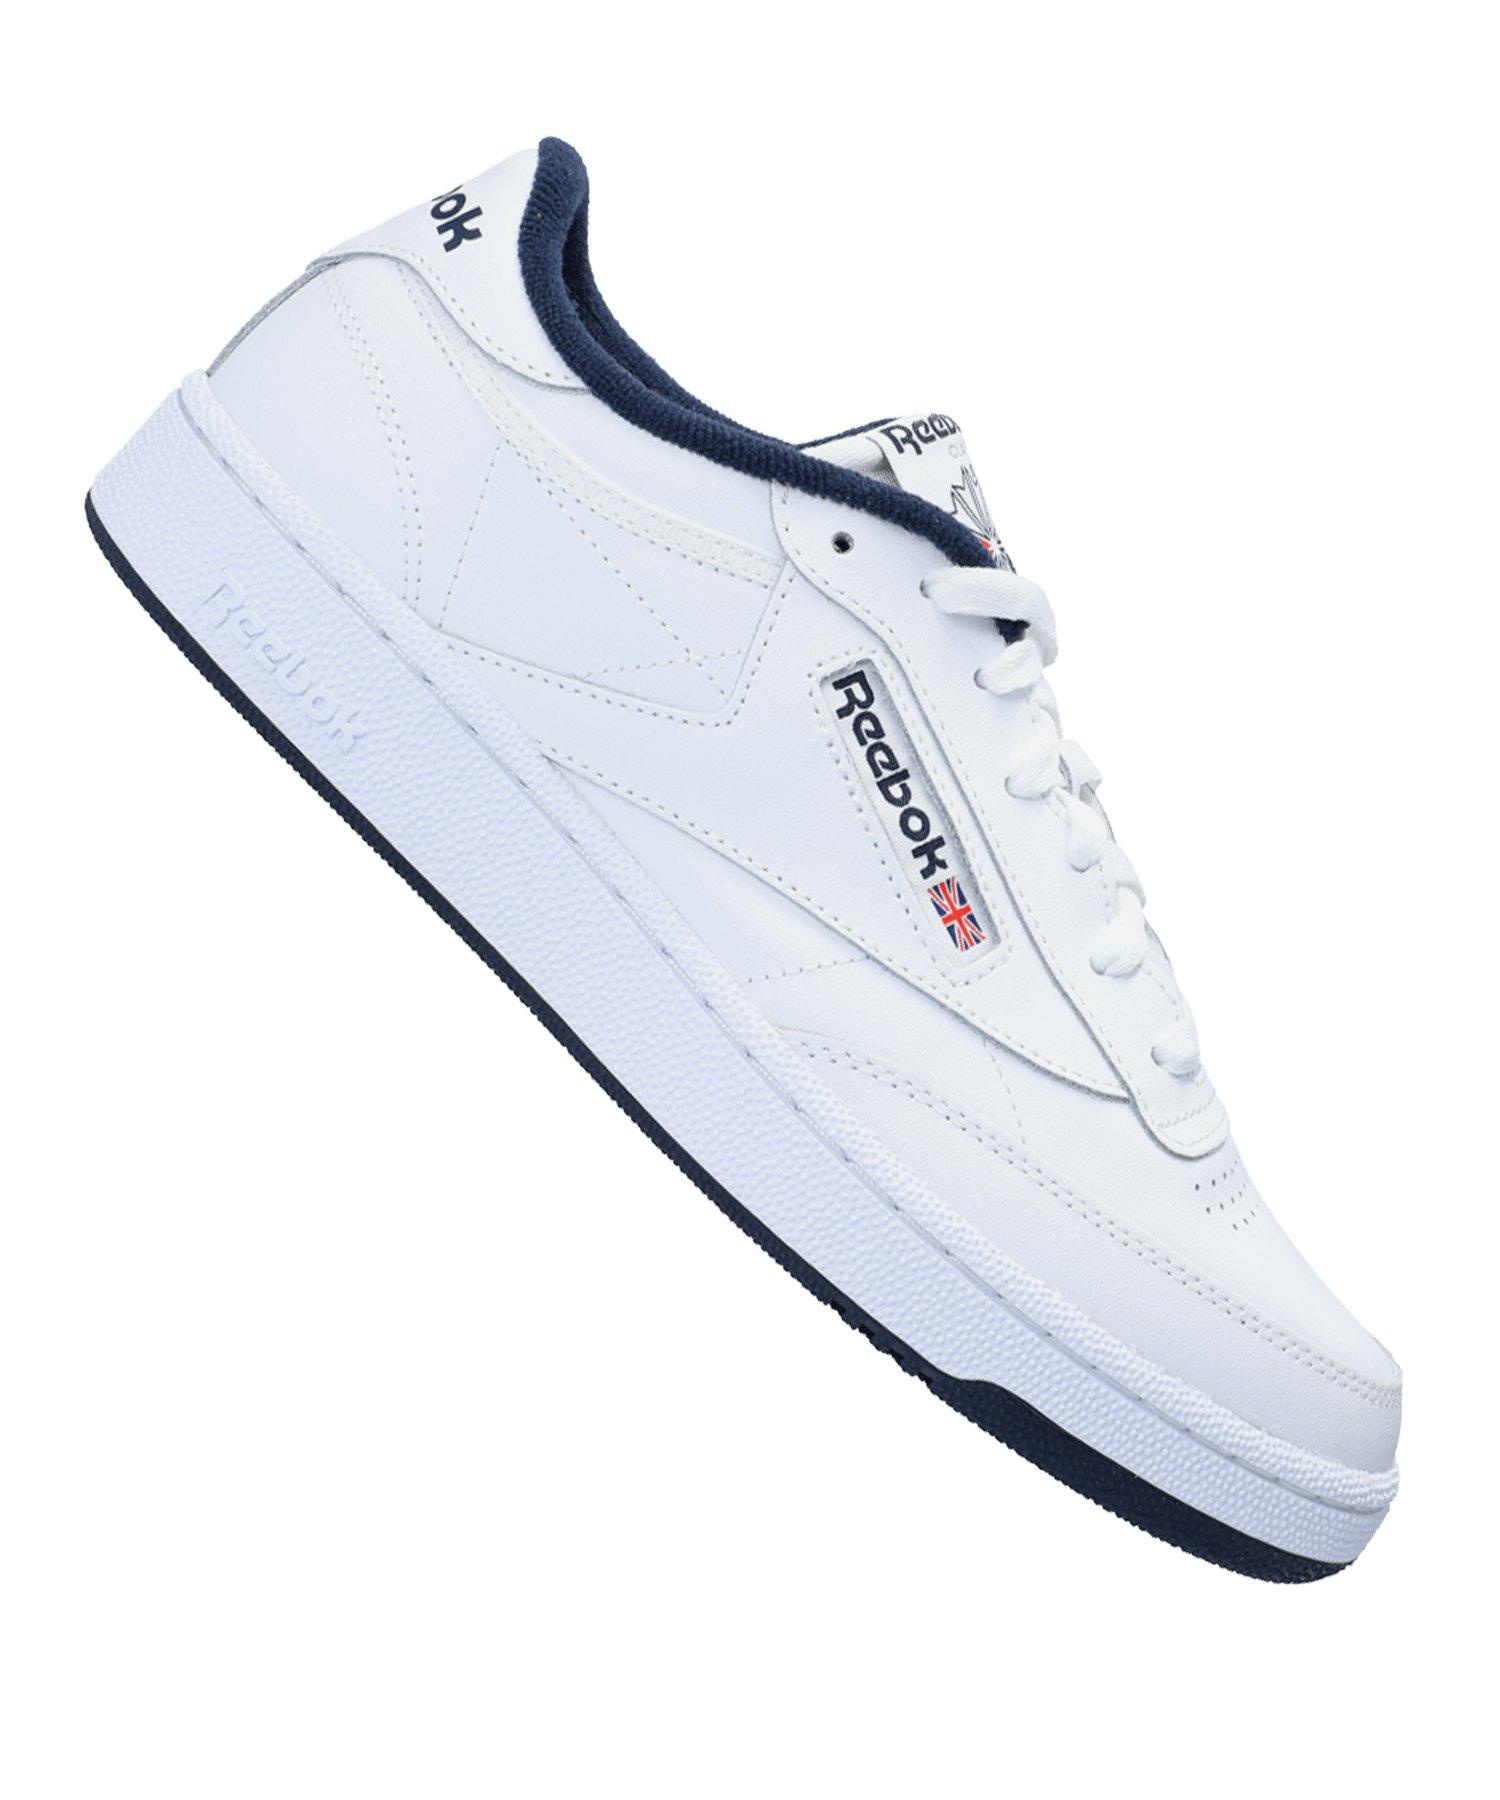 Reebok Club C 85 Sneaker Weiss Blau - weiss